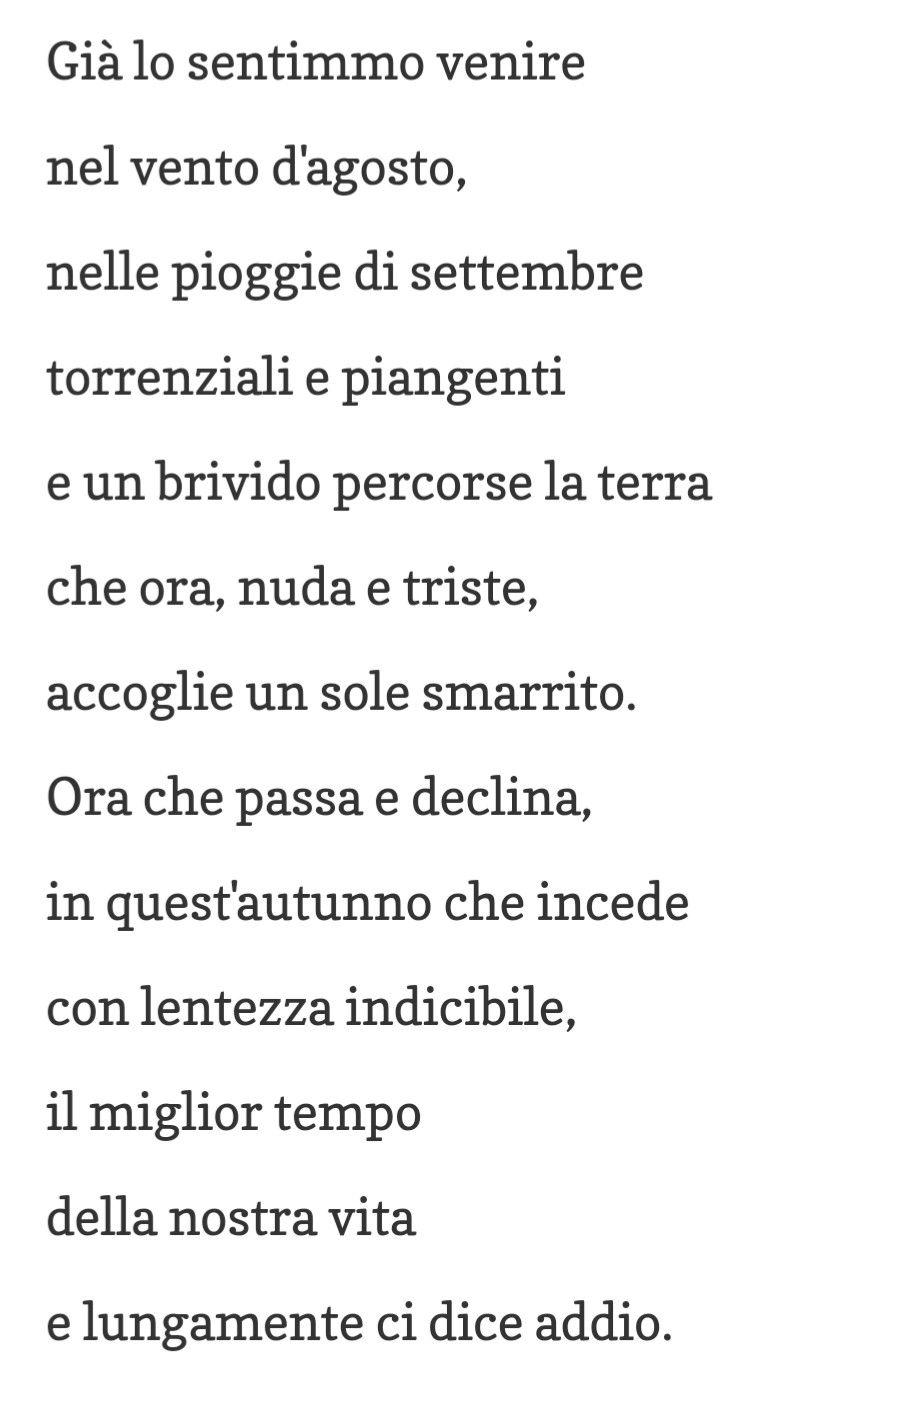 Vincenzo Cardarelli Poesie Brevi E Aforismistati Danimo